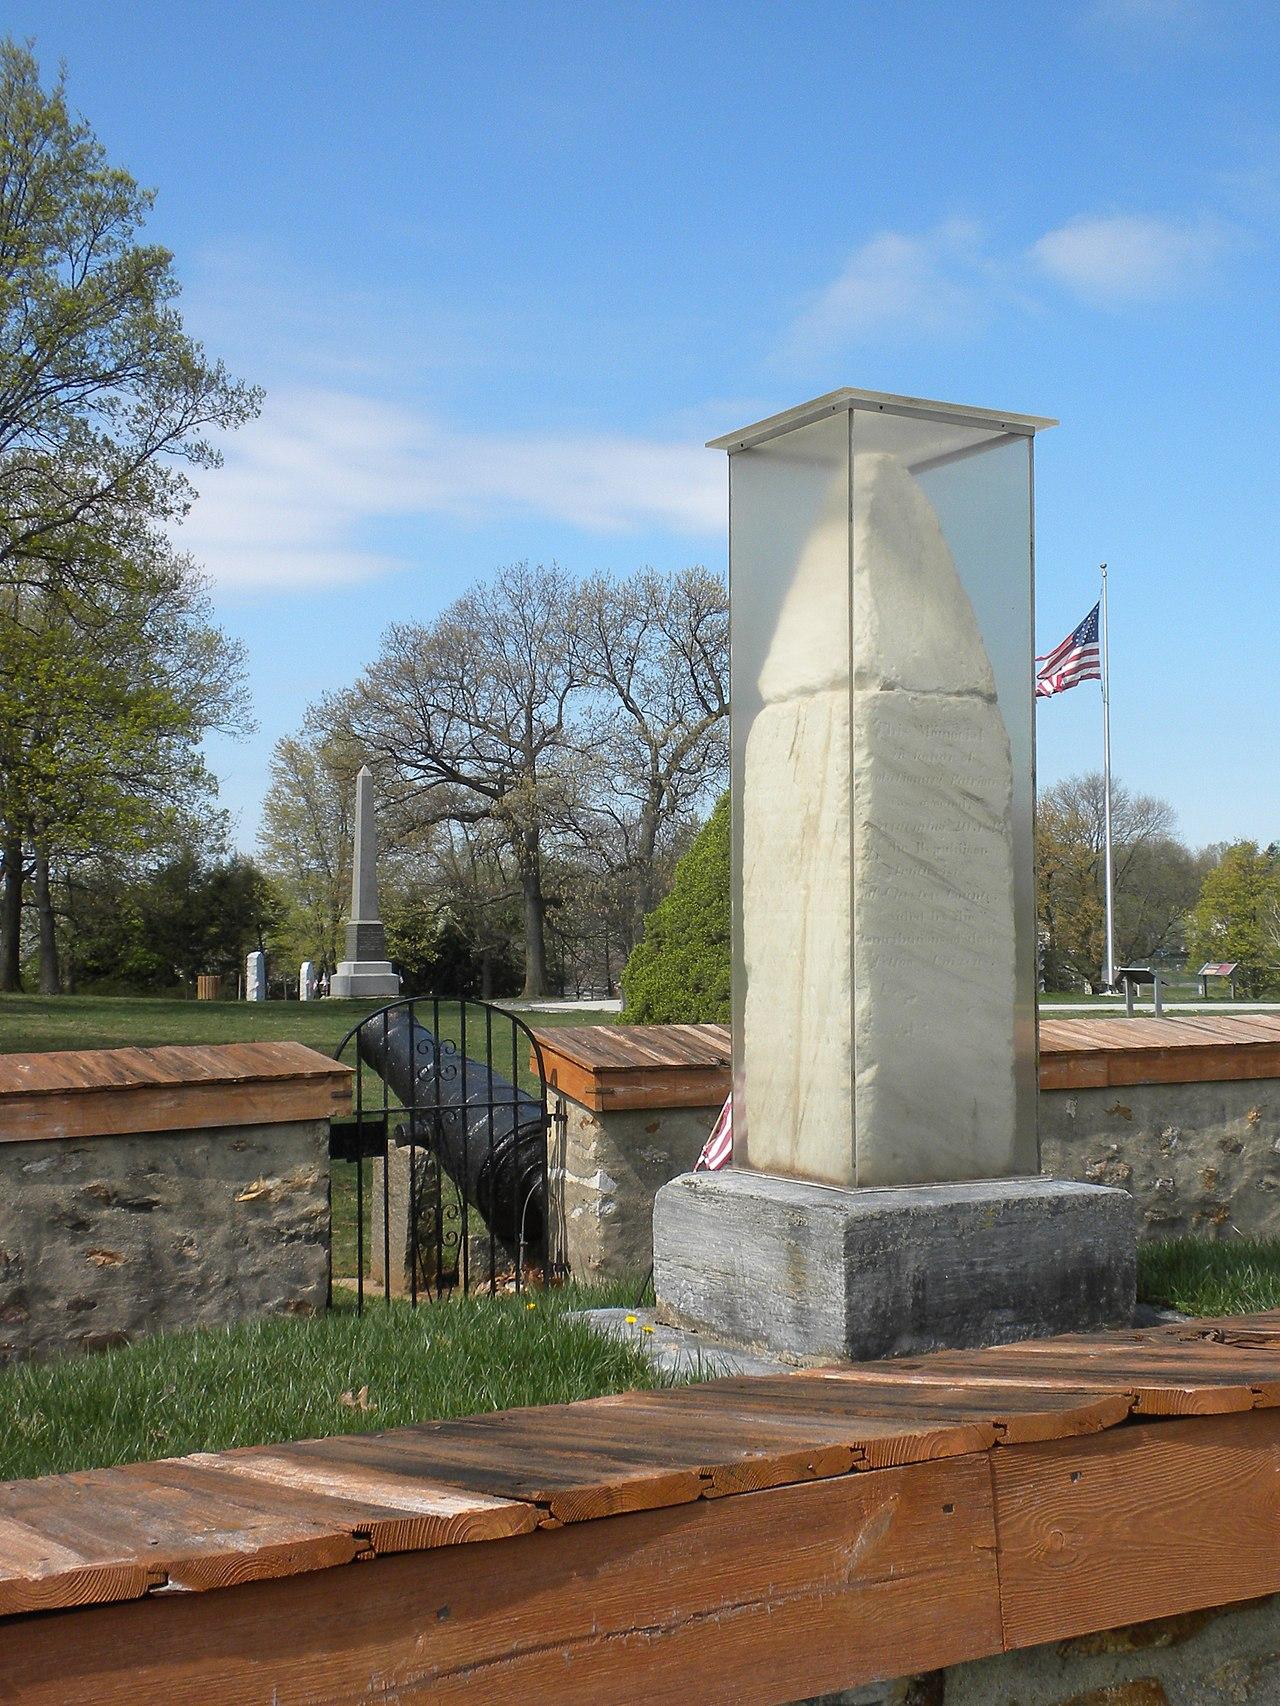 Paoli Memorial